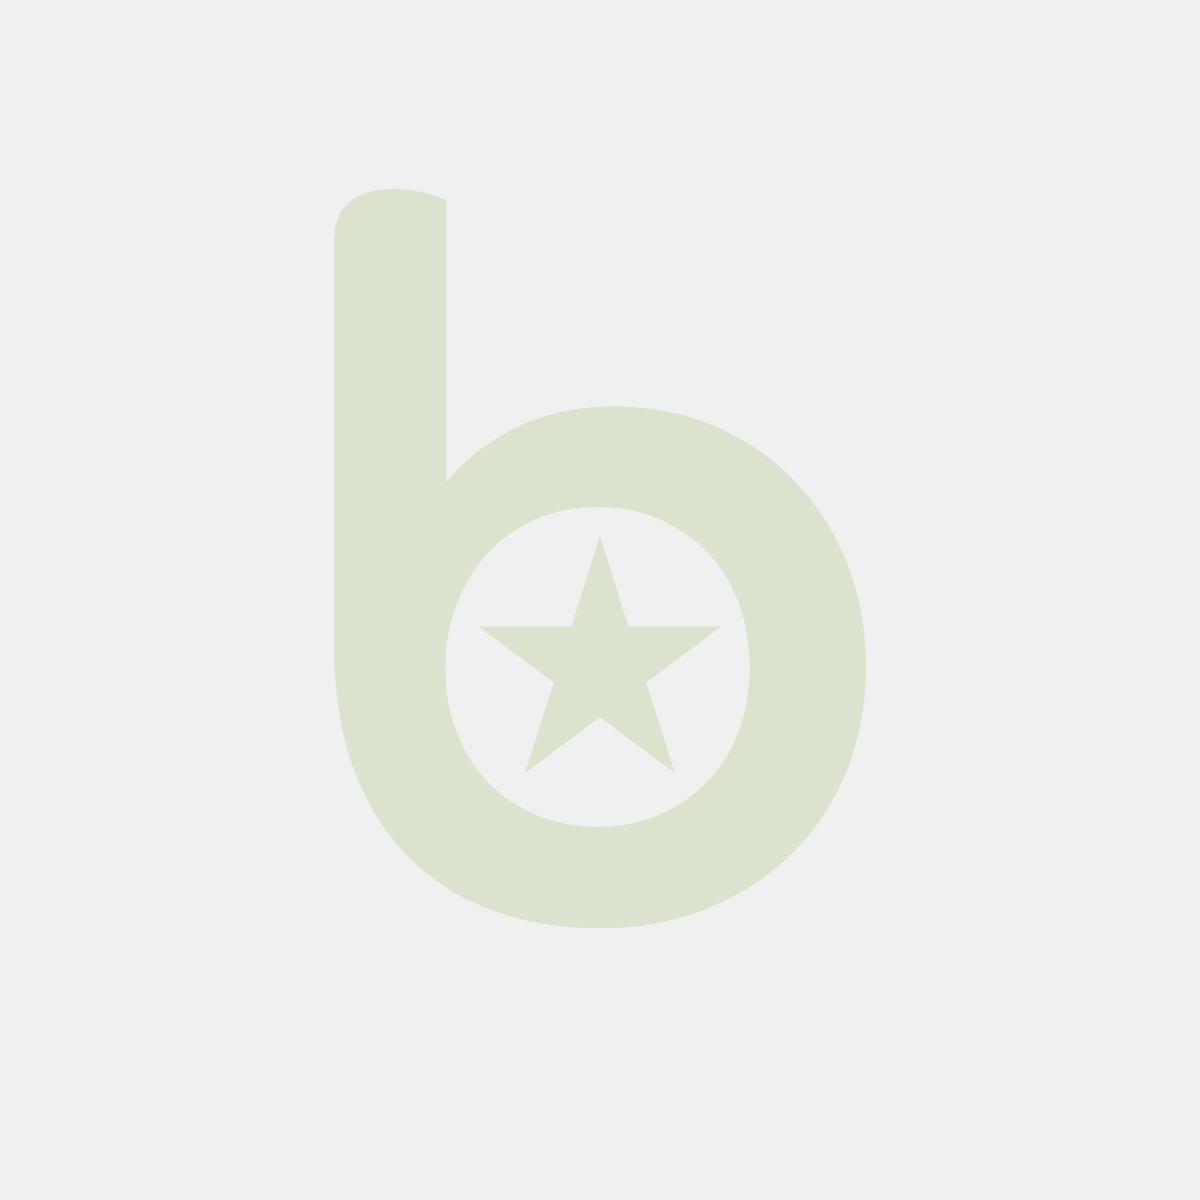 Szafy chłodnicze serii BUDGET LINE z obudową ze stali nierdzewnej 570